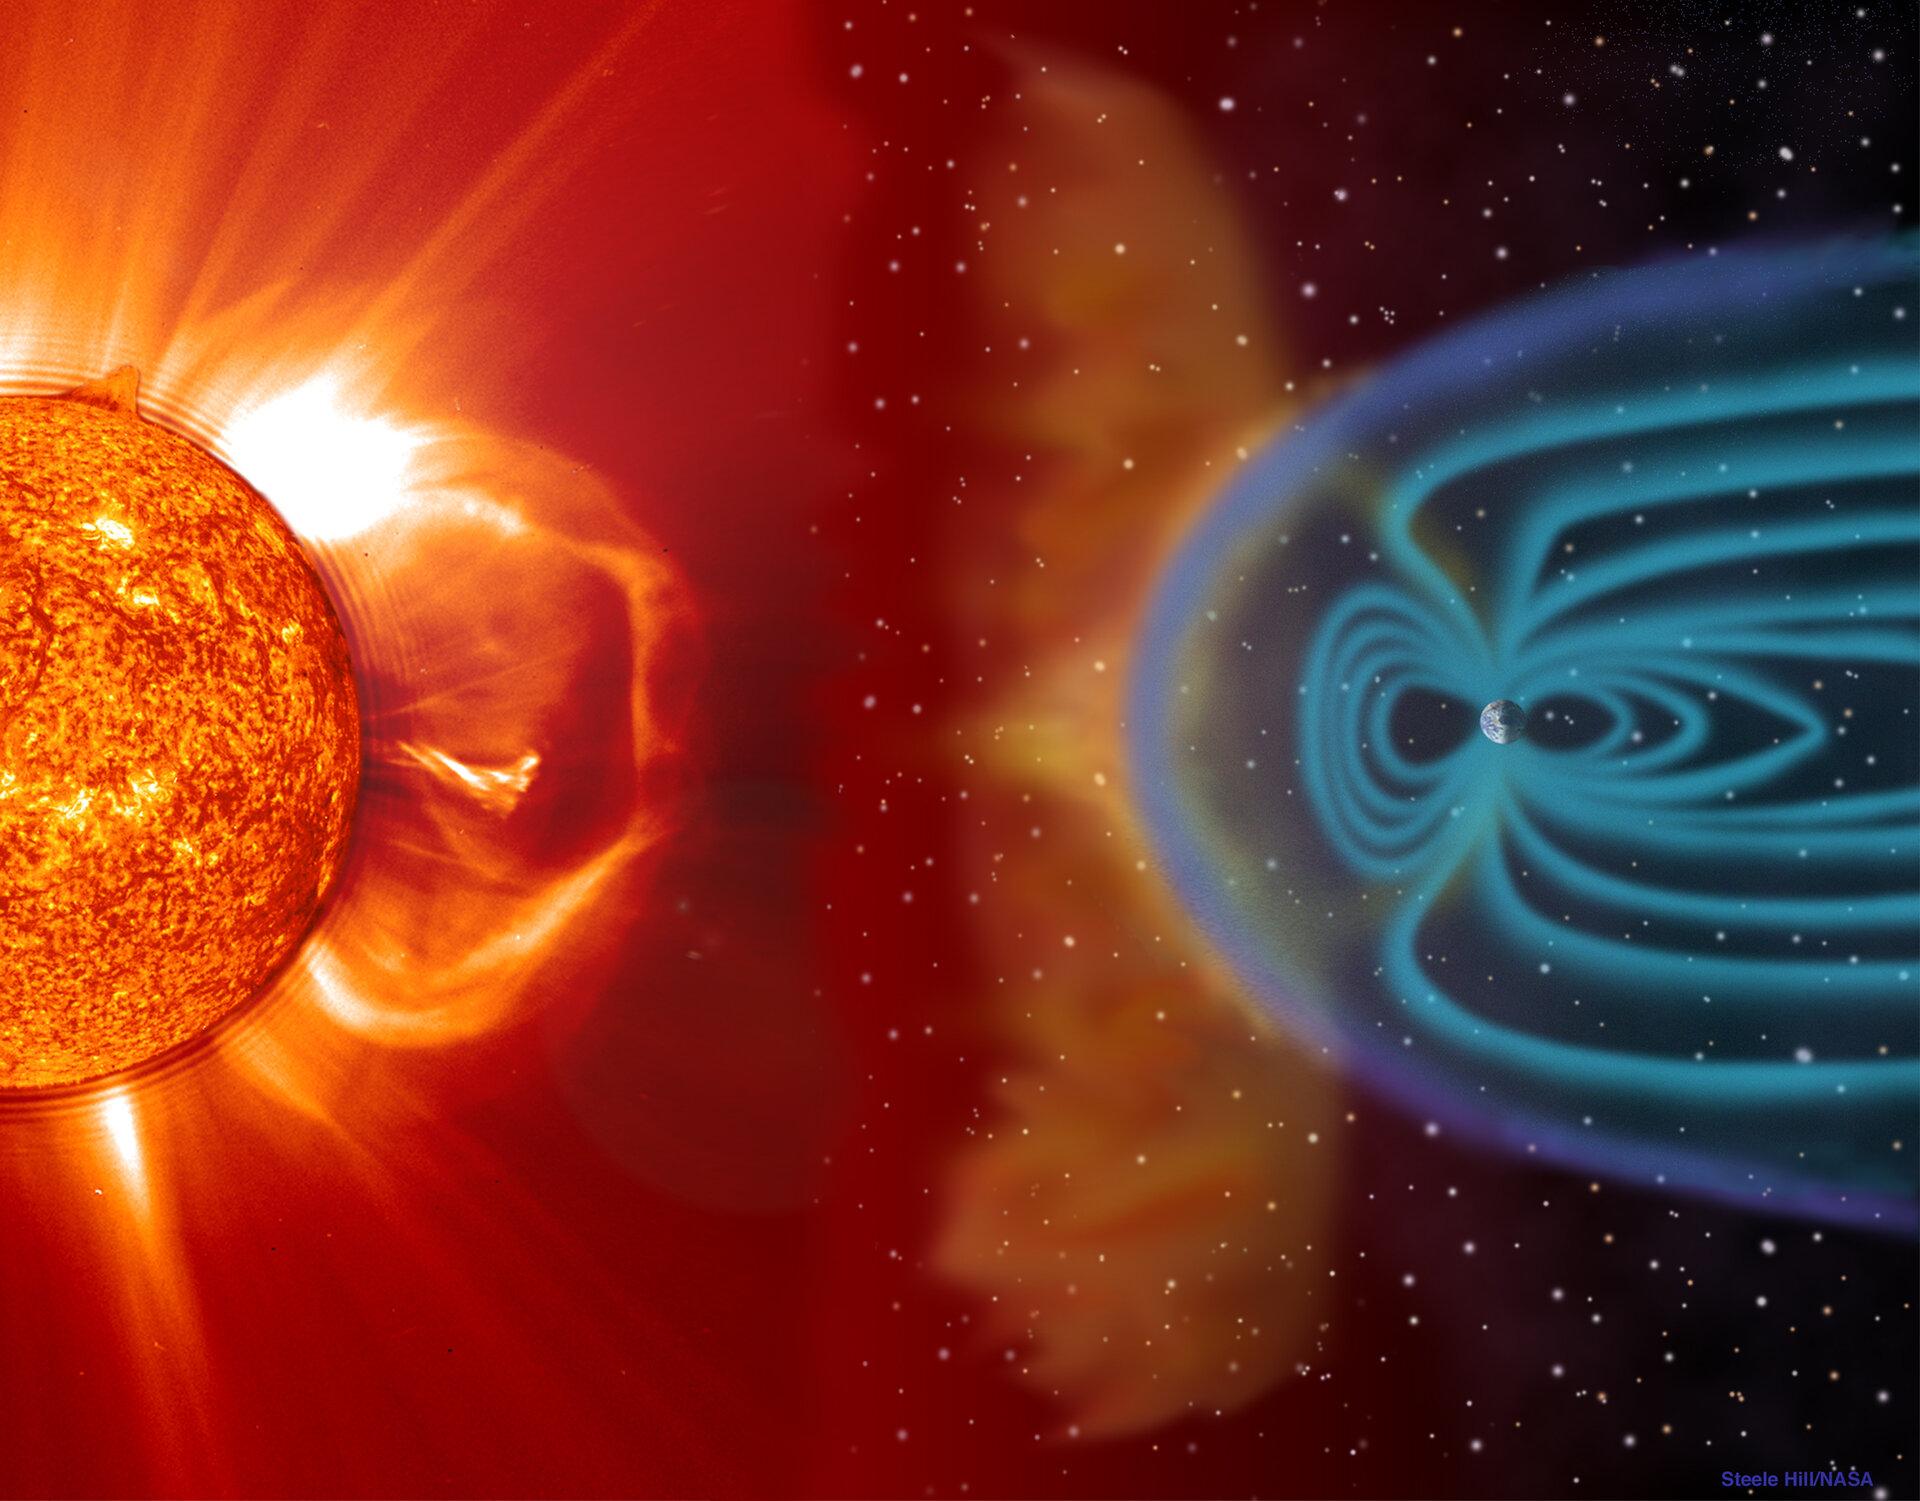 Koronalno izbacivanje mase i Zemljino magnetno polje. Izvor: esa.int